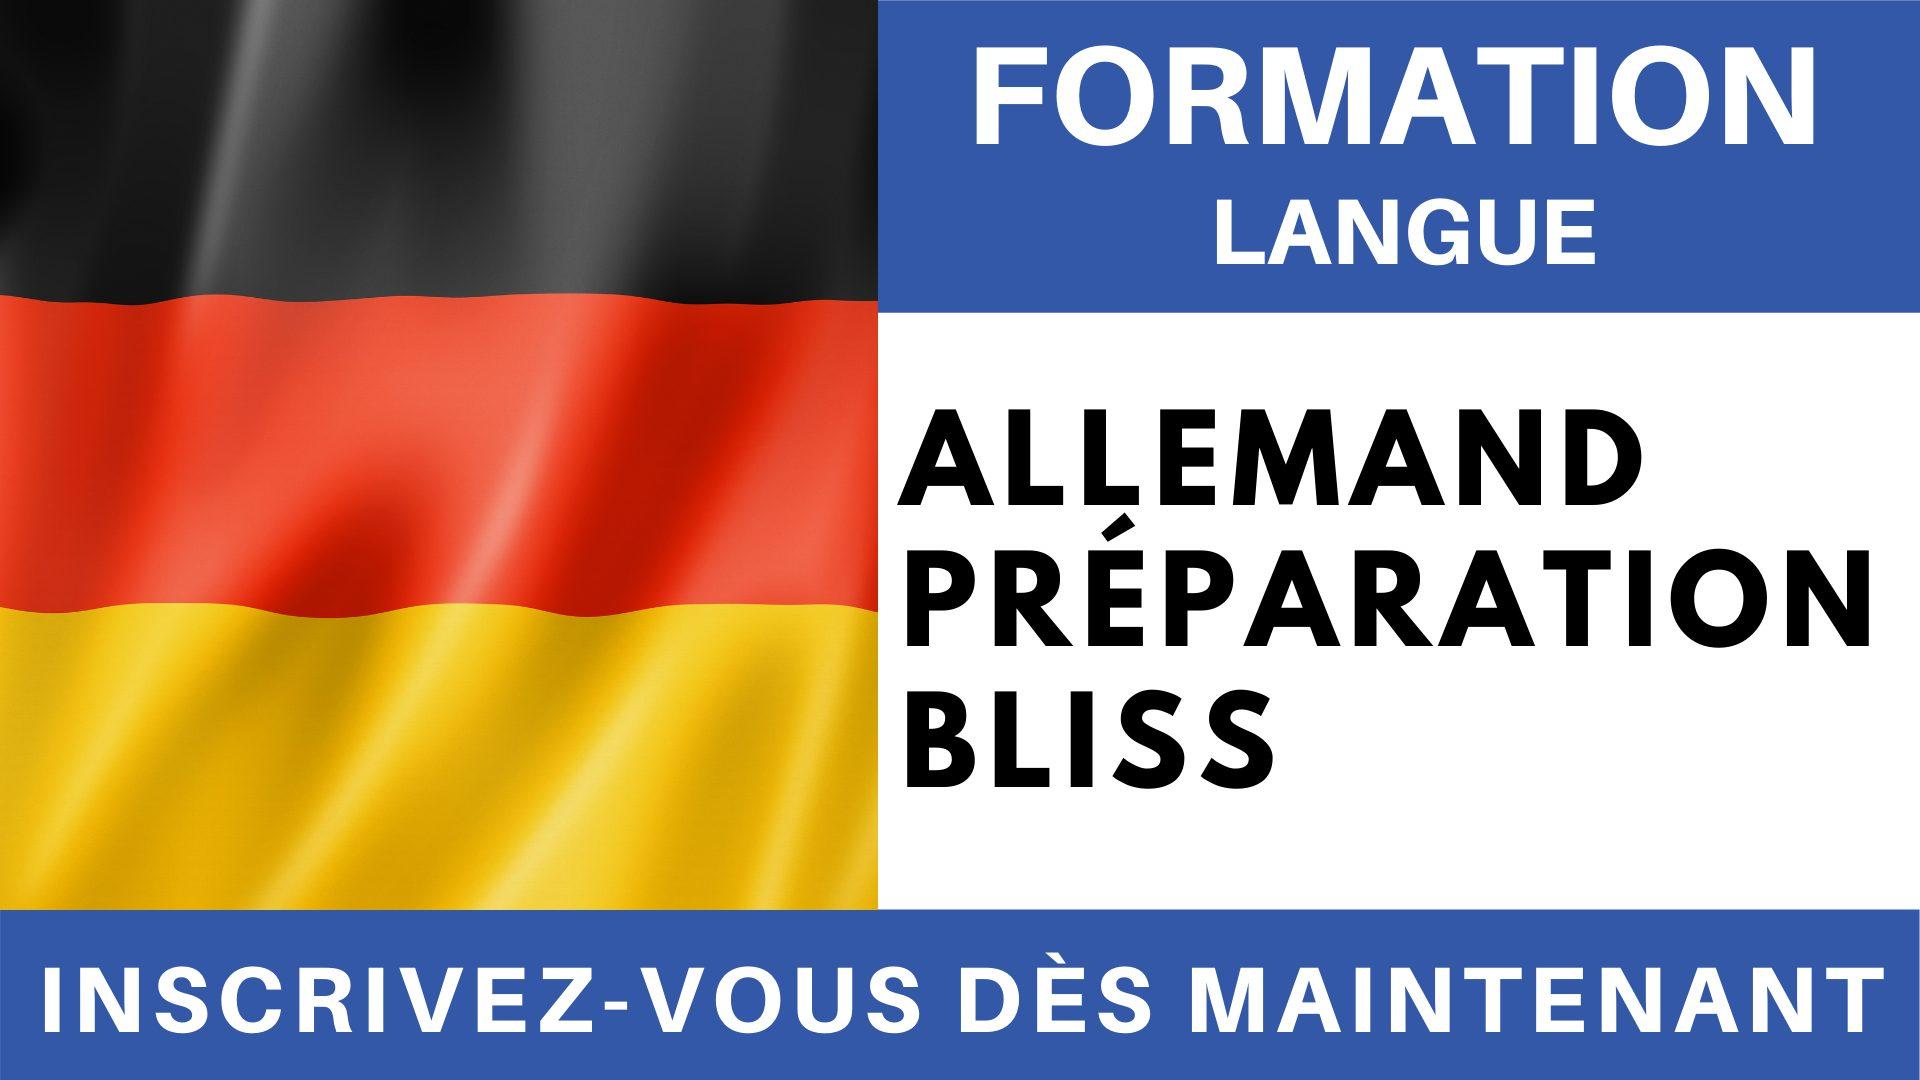 Formation Langue - Allemand Préparation BLISS